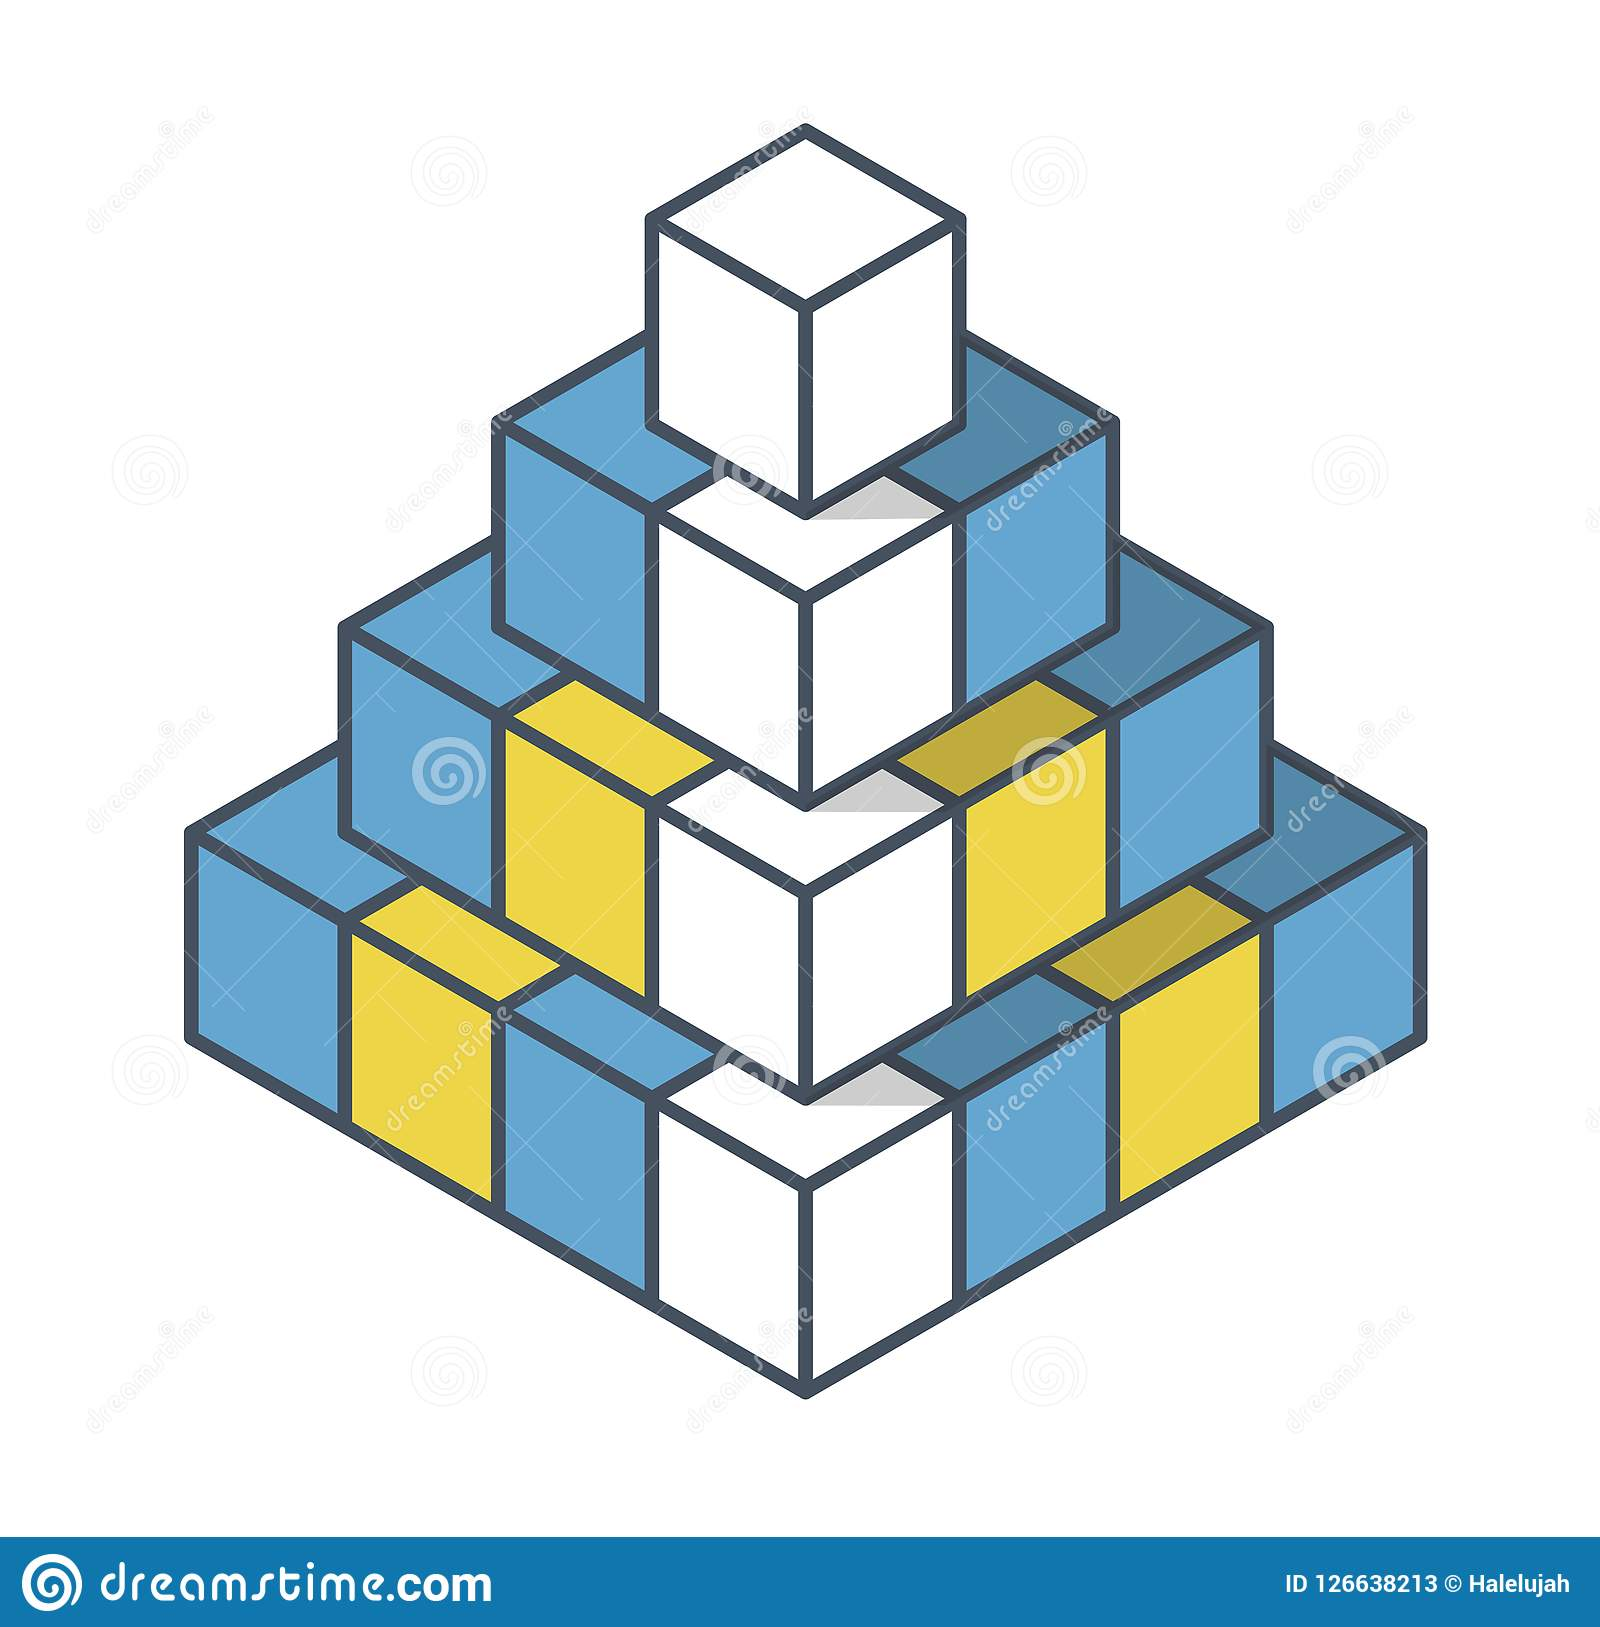 Objet Decrit Dans La Forme De La Pyramide Forme Abstraite De Vecteur De Cube Illustration De Vecteur Illustration Du Abstraite Pyramide 126638213